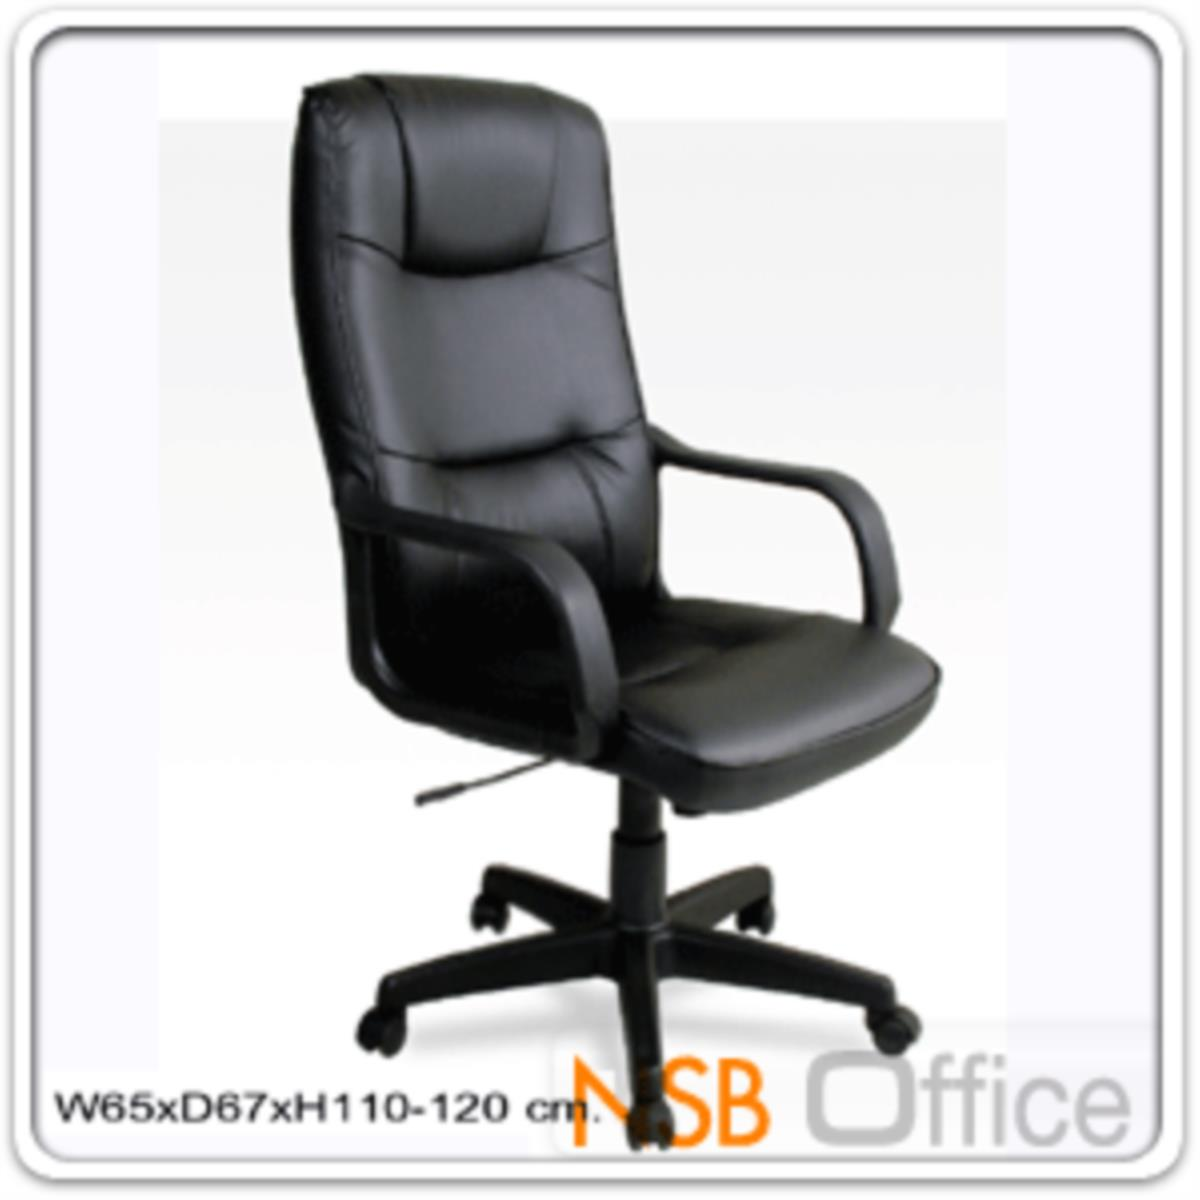 เก้าอี้ผู้บริหาร  รุ่น Tillerson (ทิลเลอร์สัน) โช๊คแก๊ส มีก้อนโยก